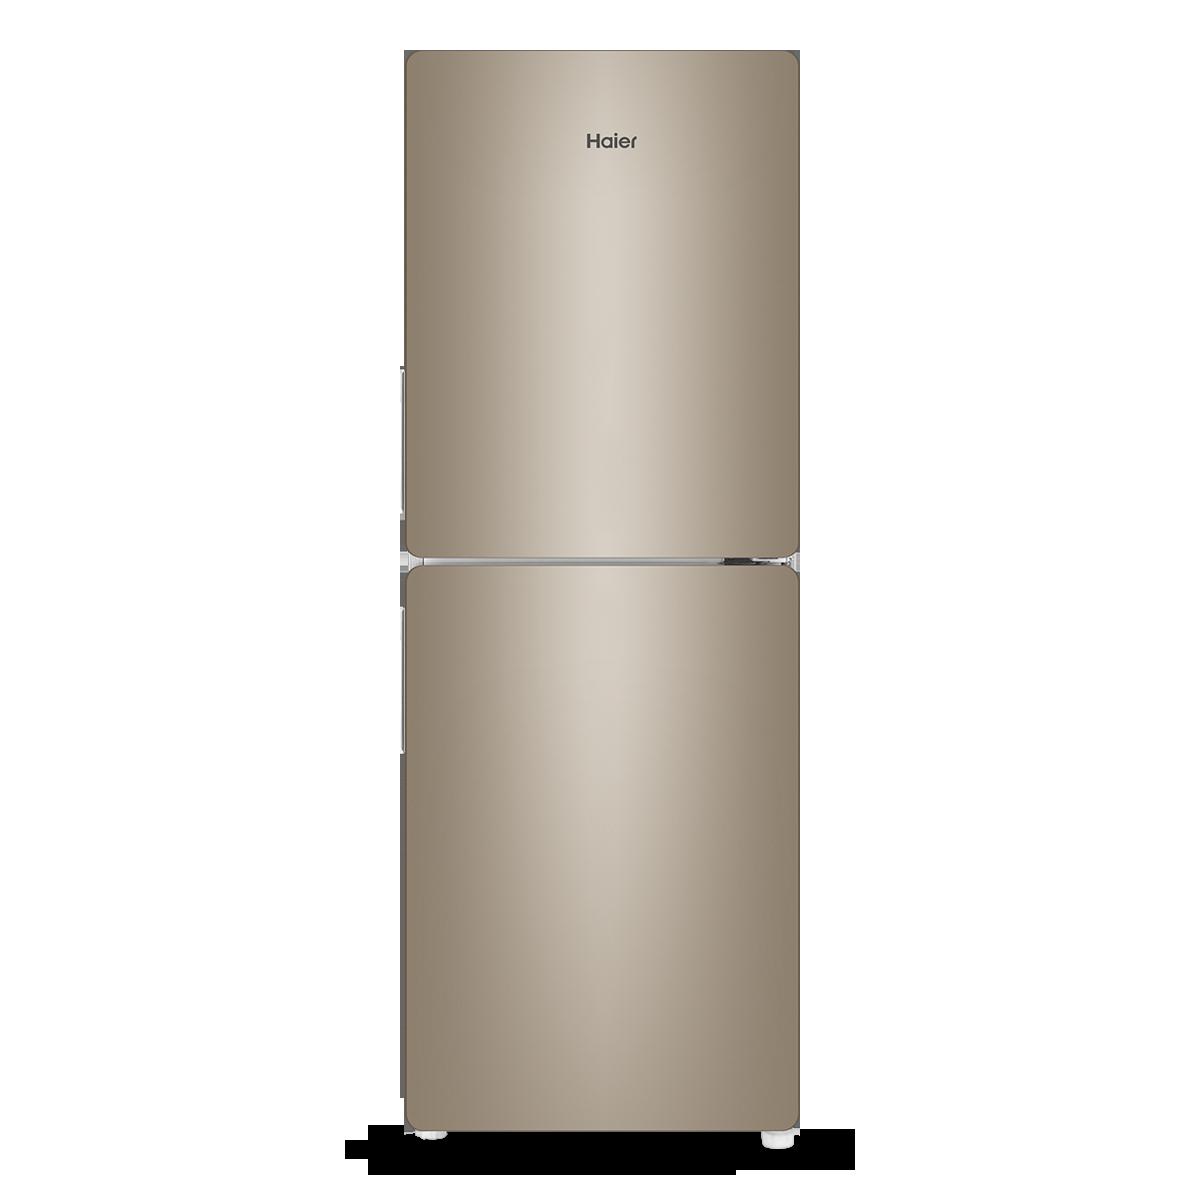 海尔Haier冰箱 BCD-188WDPS 说明书